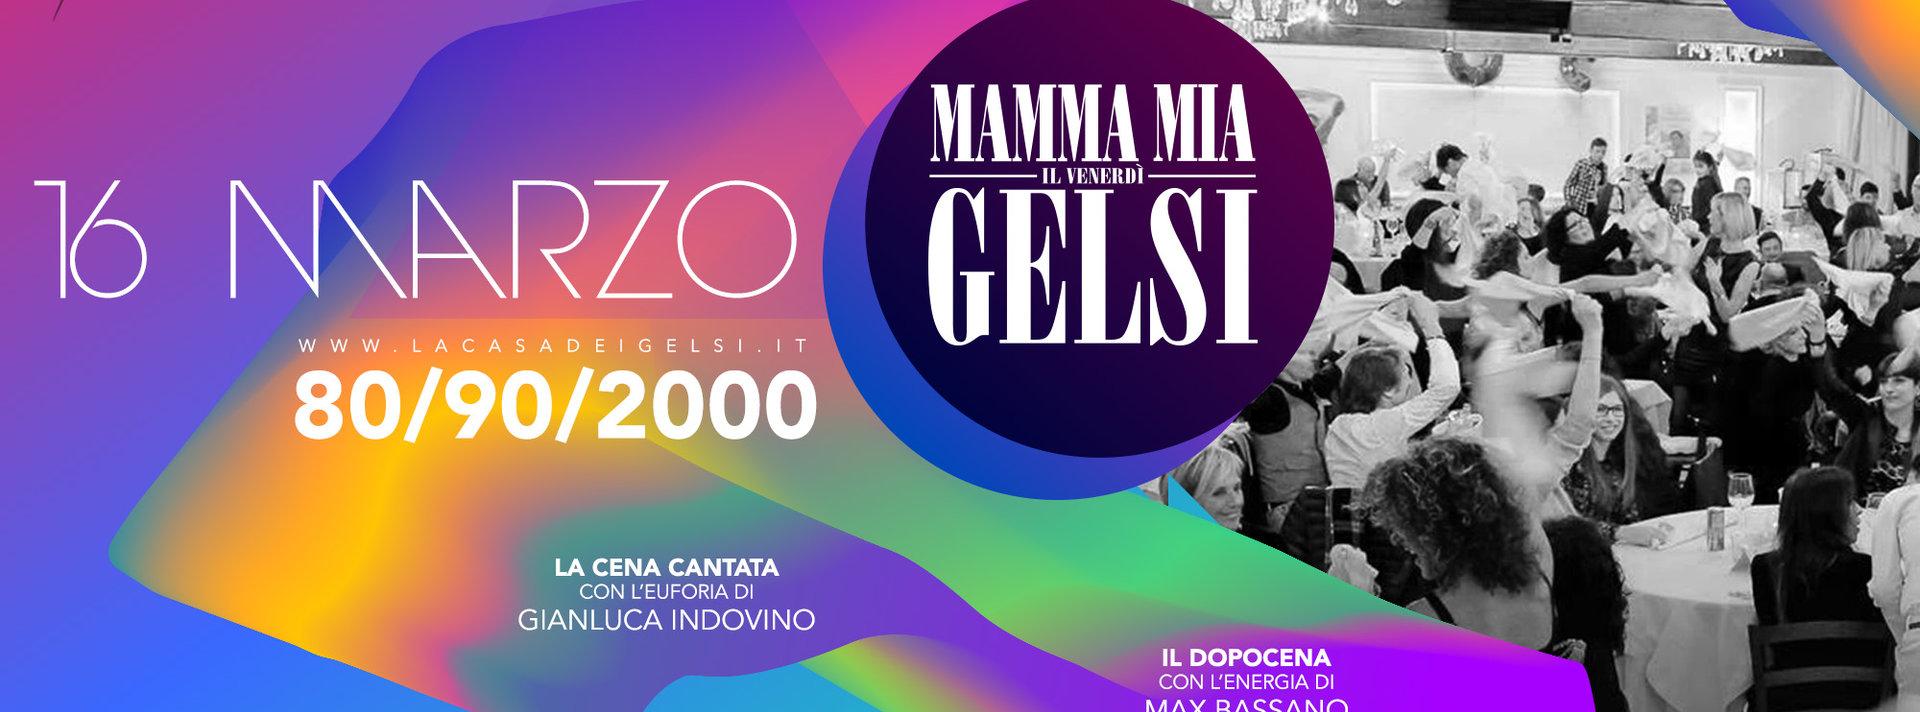 Mammamia 16 marzo 2018